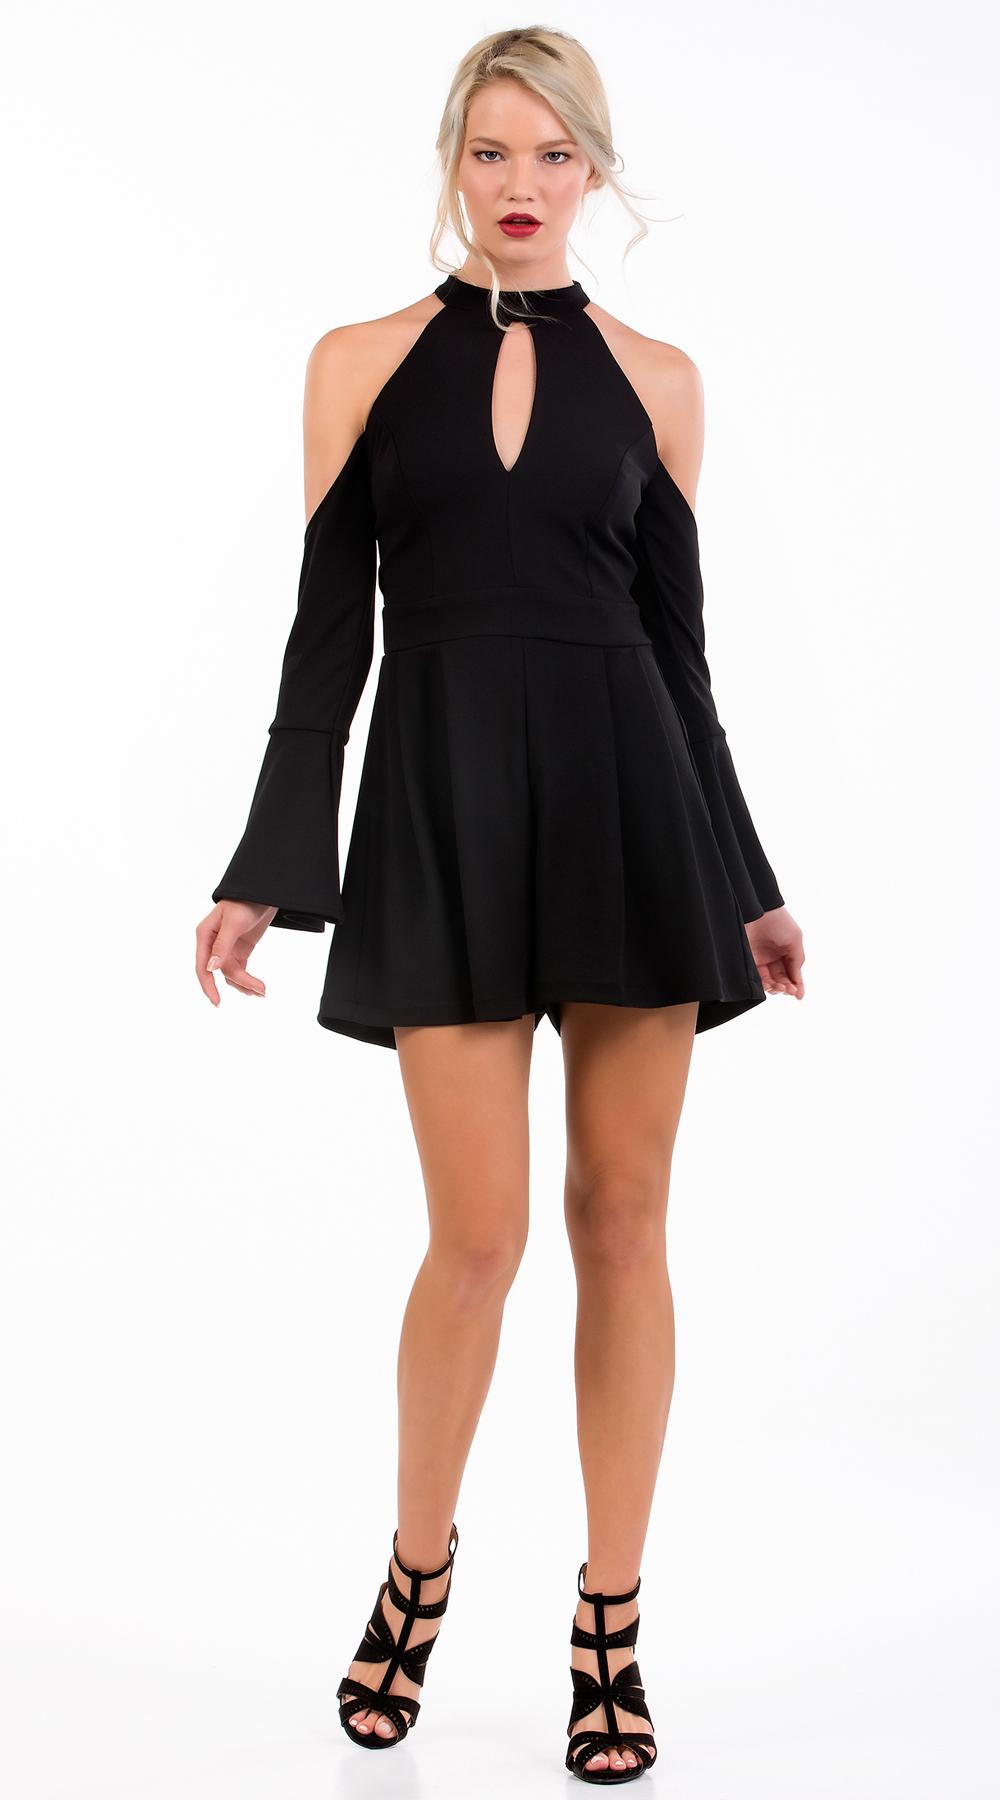 Γυναικείο jumpsuit με καμπάνα μανίκια και cut out ώμους Οnline - ONLINE - FA17ON ενδύματα ολόσωμες φόρμες